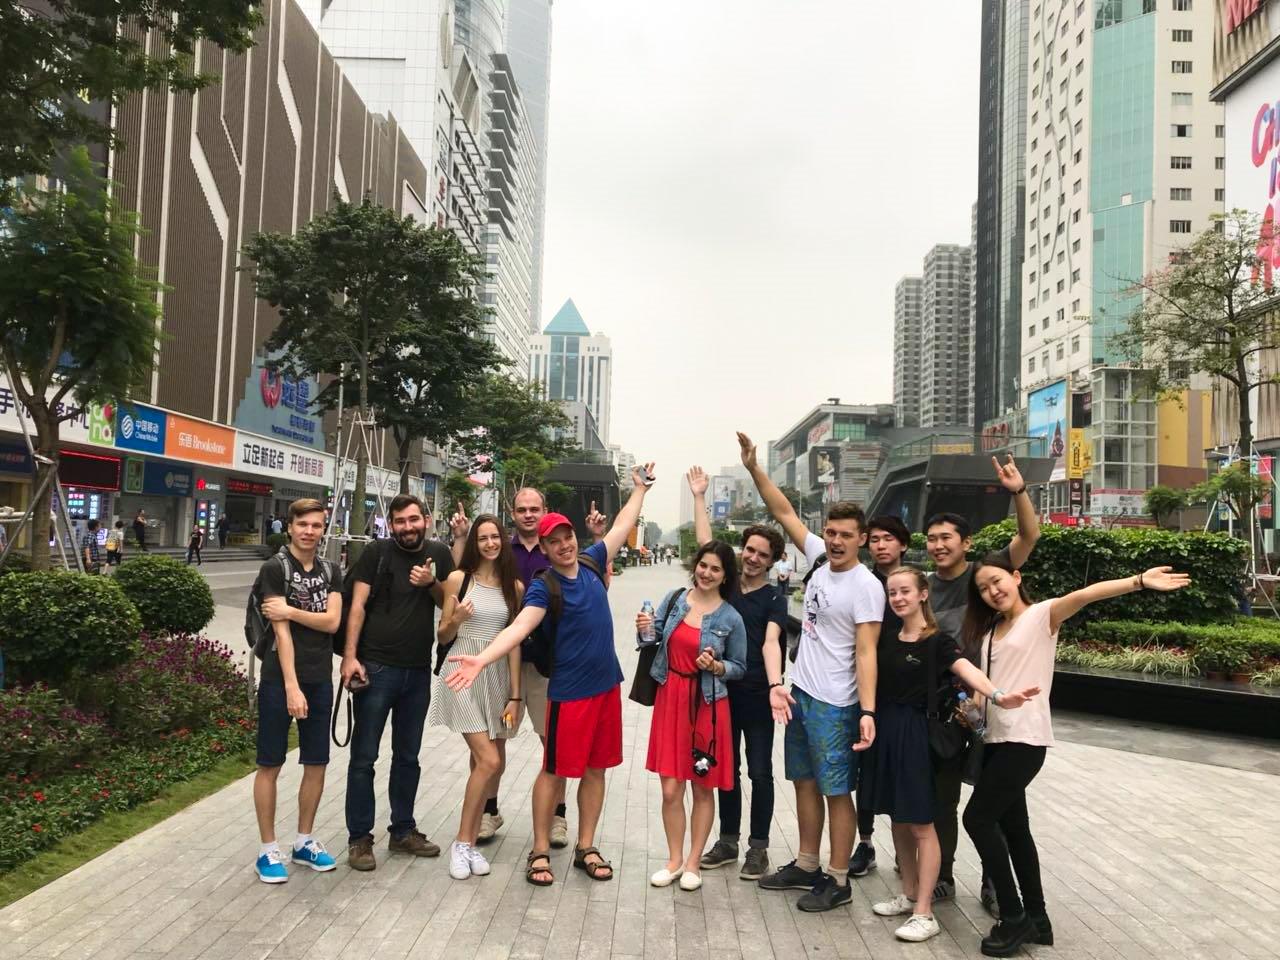 Стажировка вHuawei: студенты ТУСУРа – опользе ивпечатлениях отпоездки